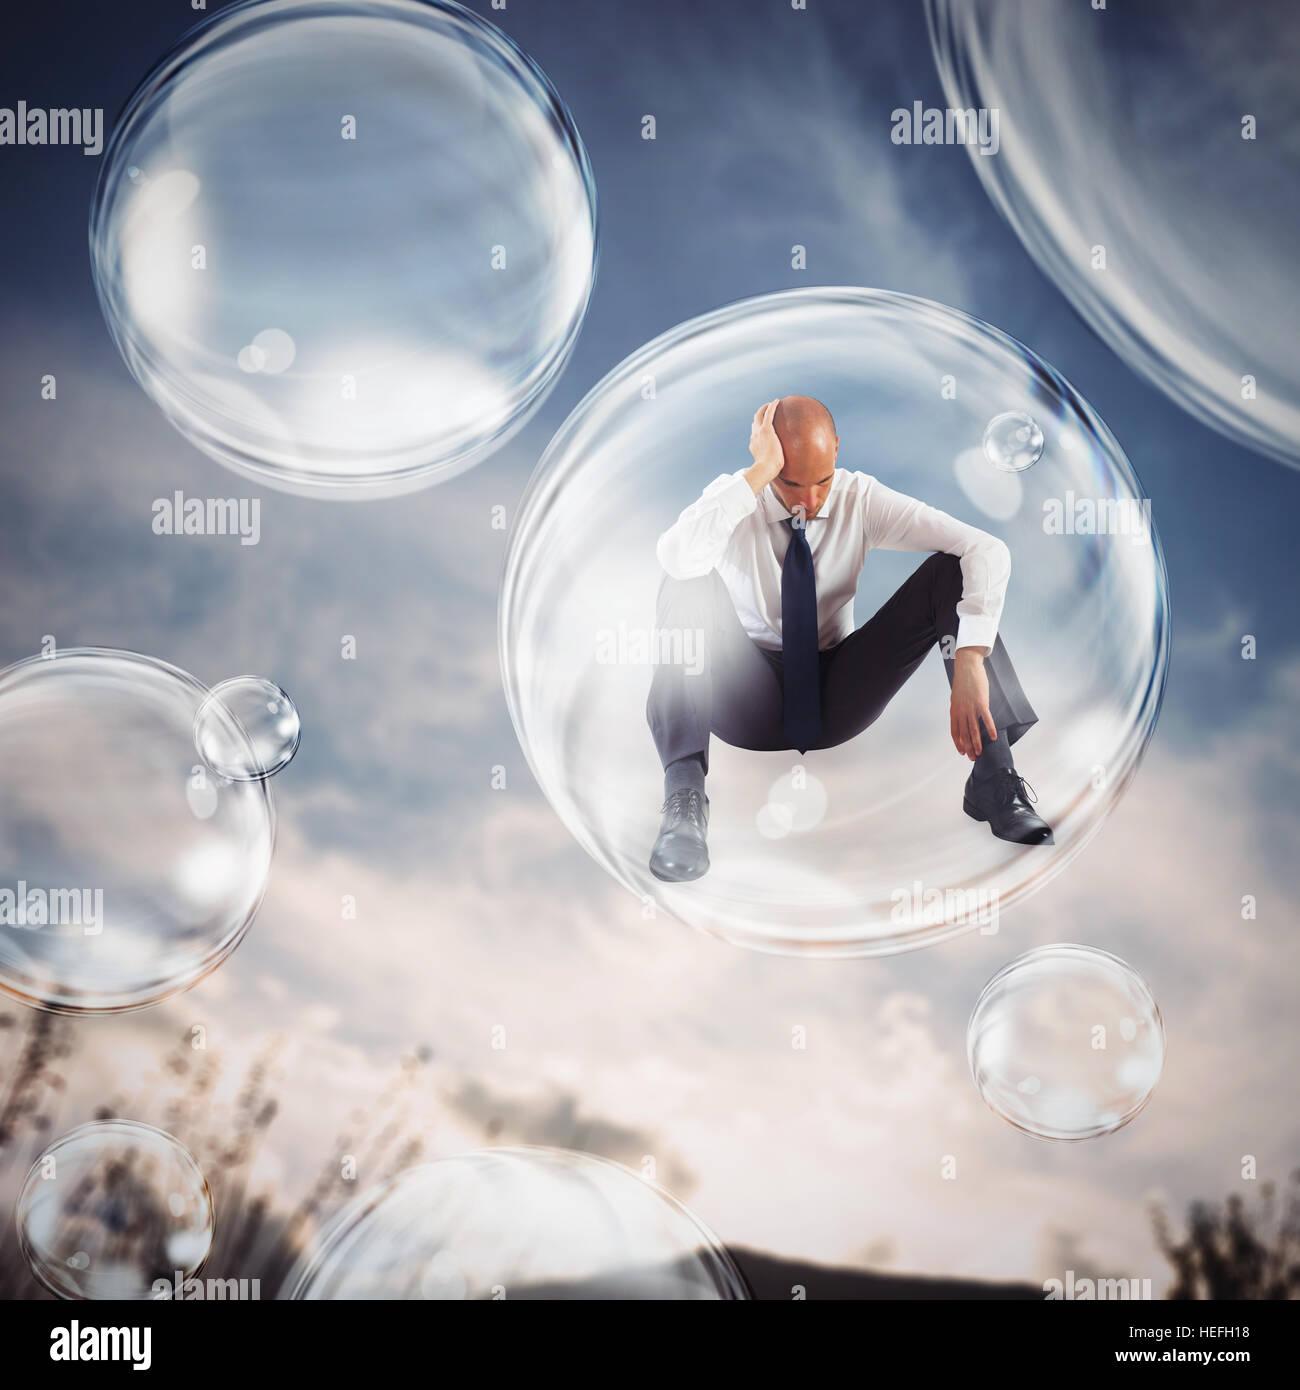 Se aíslan dentro de una burbuja Imagen De Stock